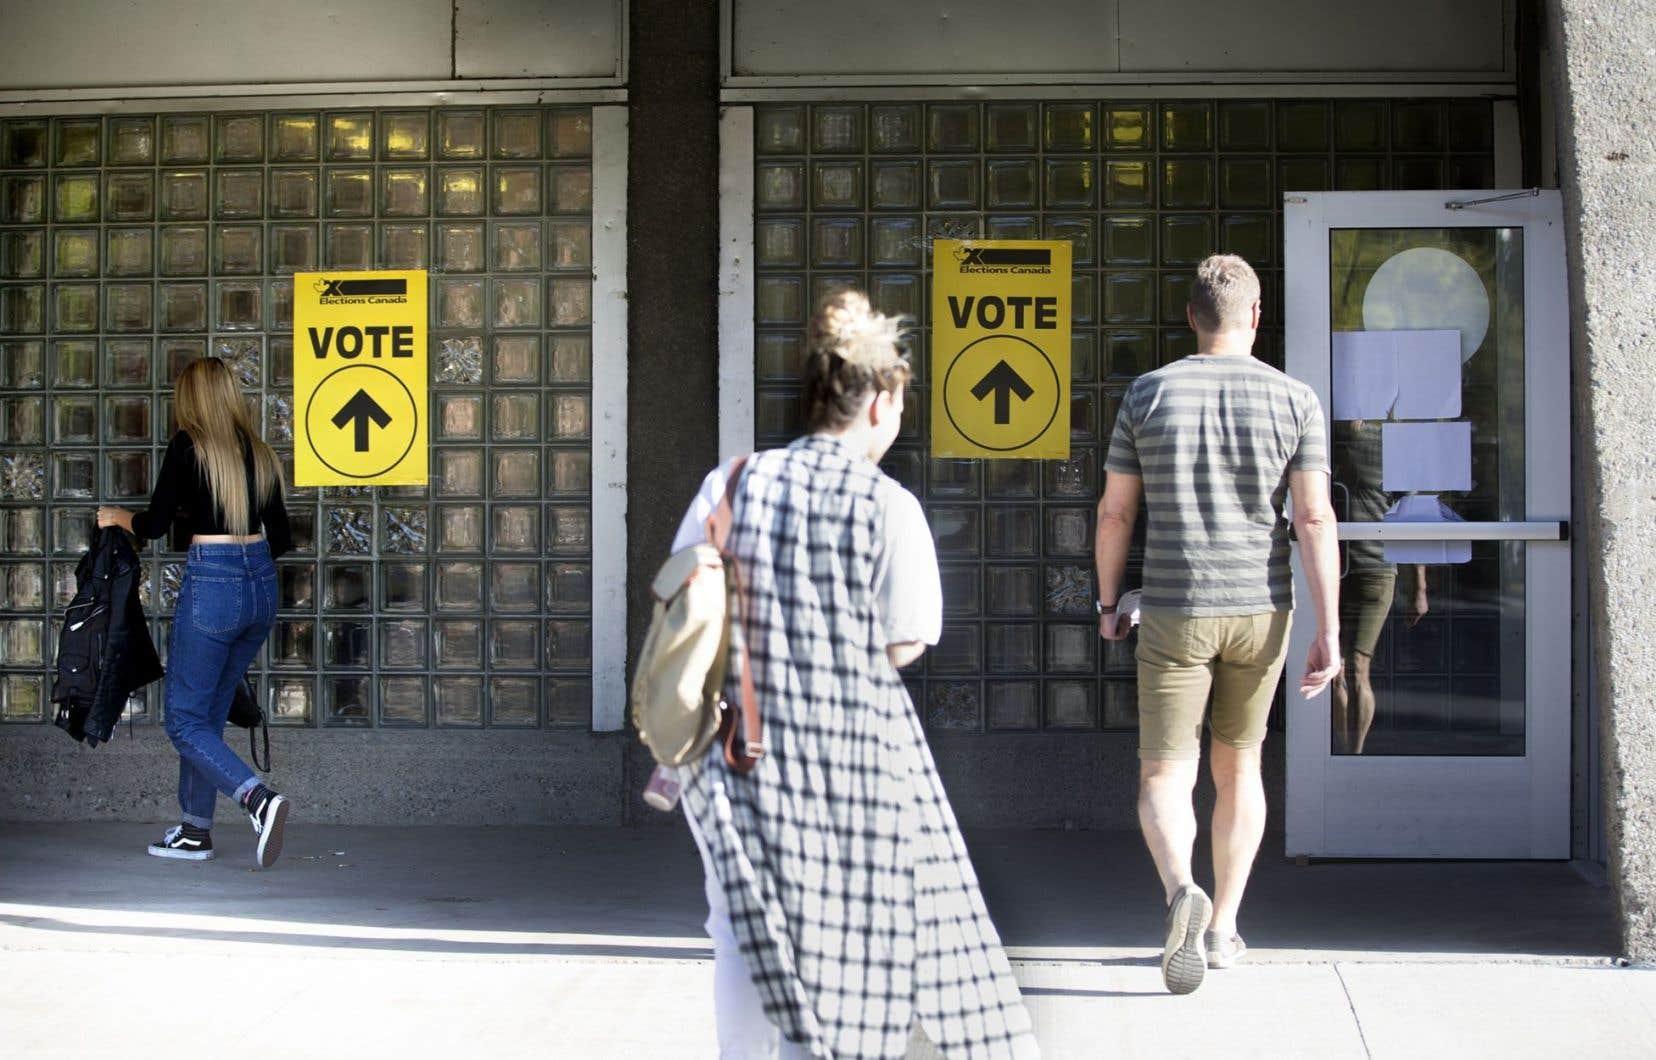 Un peu plus de la moitié des répondants du sondage disent être opposés au vote obligatoire.